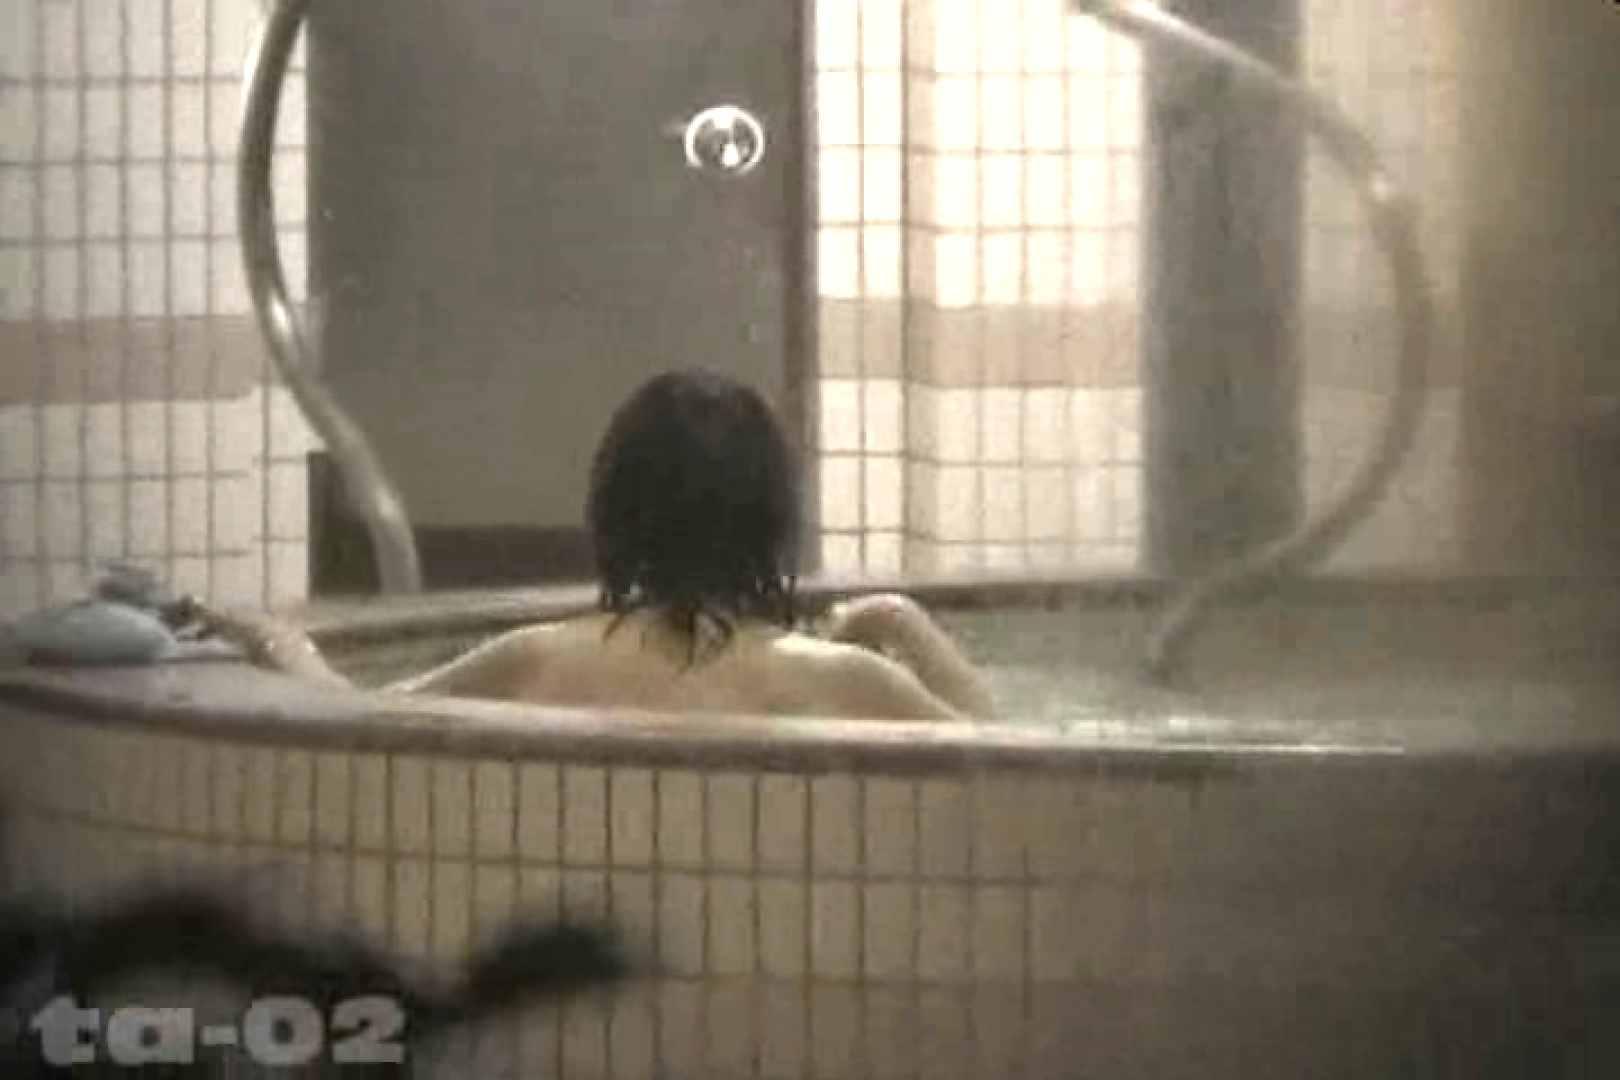 合宿ホテル女風呂盗撮高画質版 Vol.02 女風呂  76pic 53